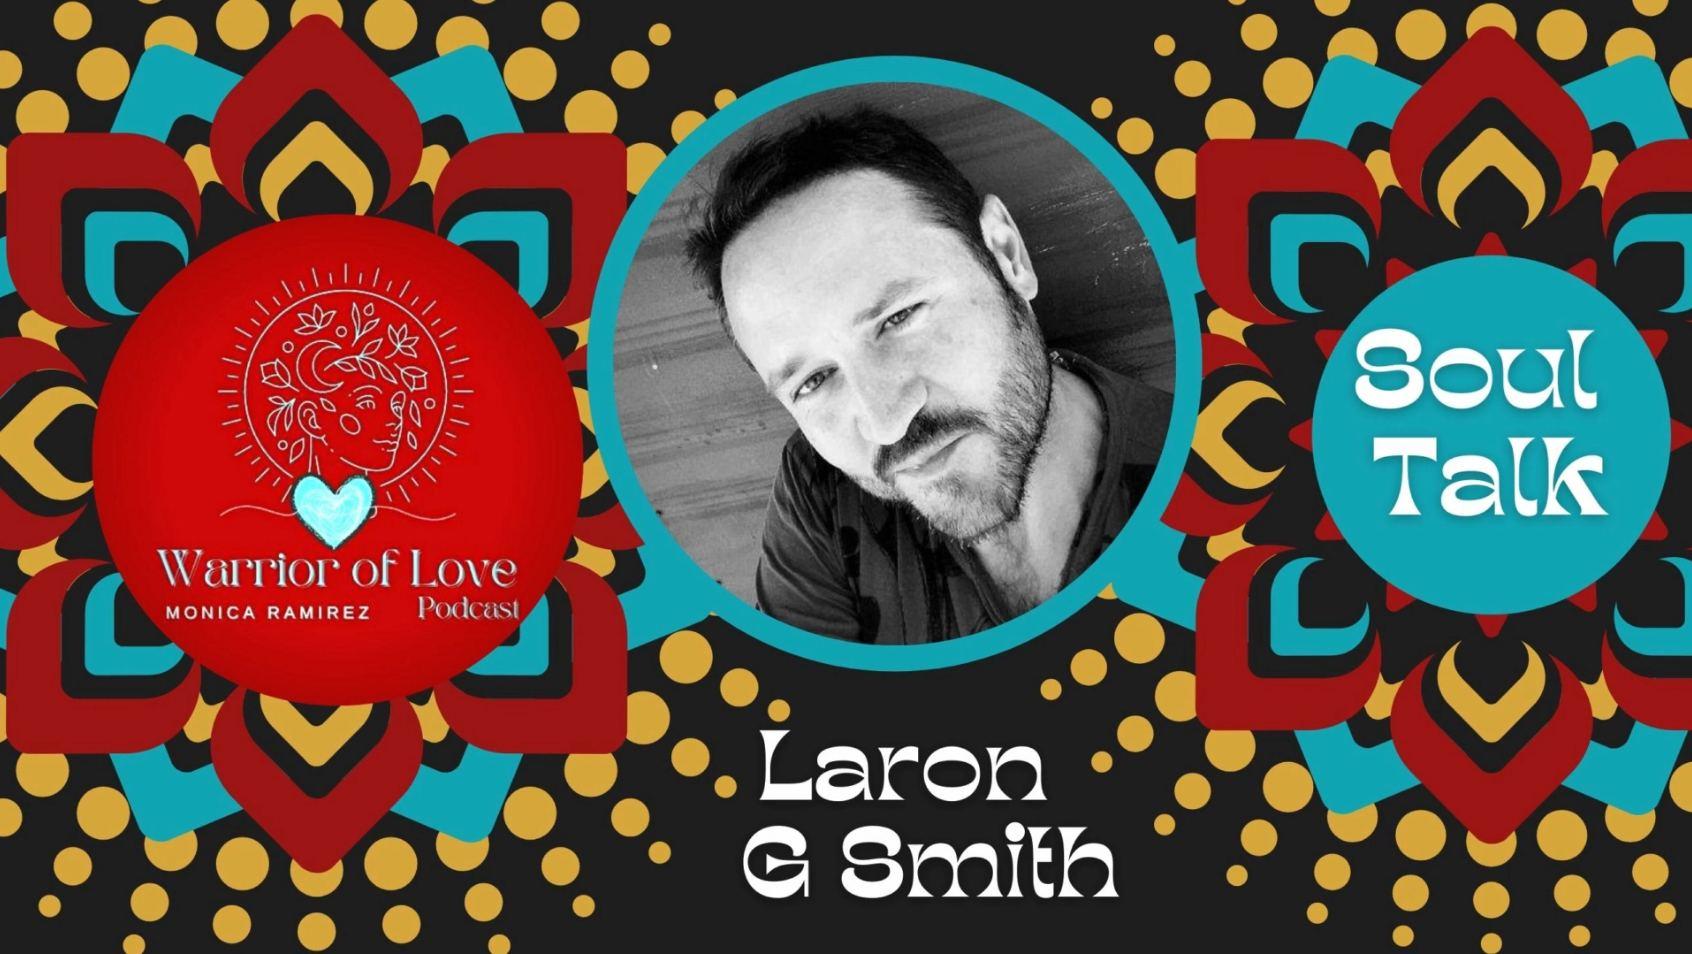 Soul Talk by Monica Ramirez Warrior of Love with Laron G Smith